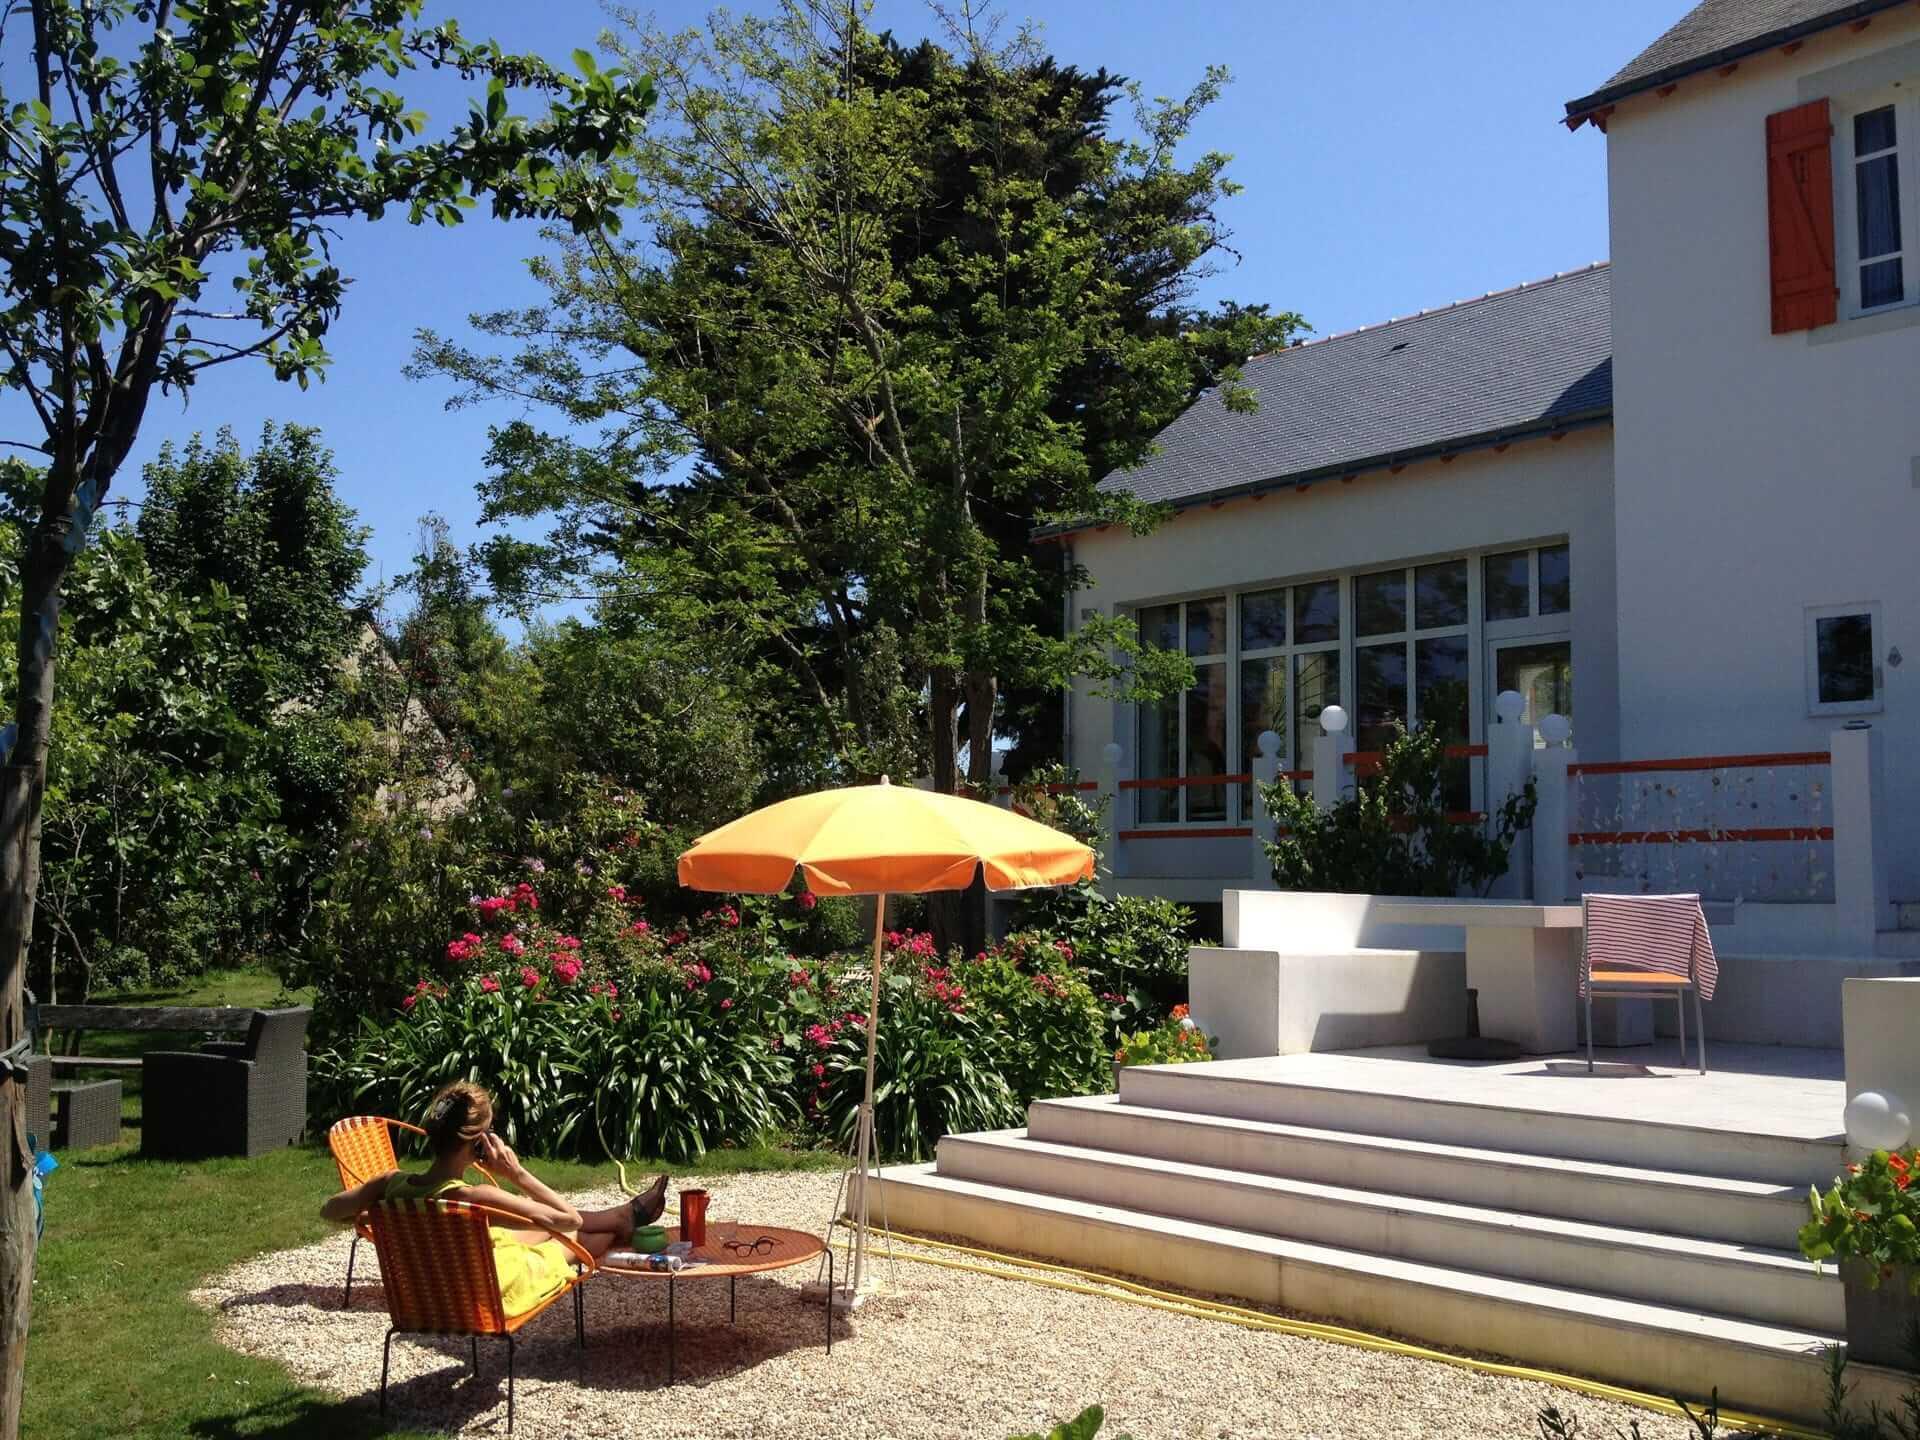 IMG_1677 Extension d'une maison secondaire réalisée par notre société d'architecture Pixela